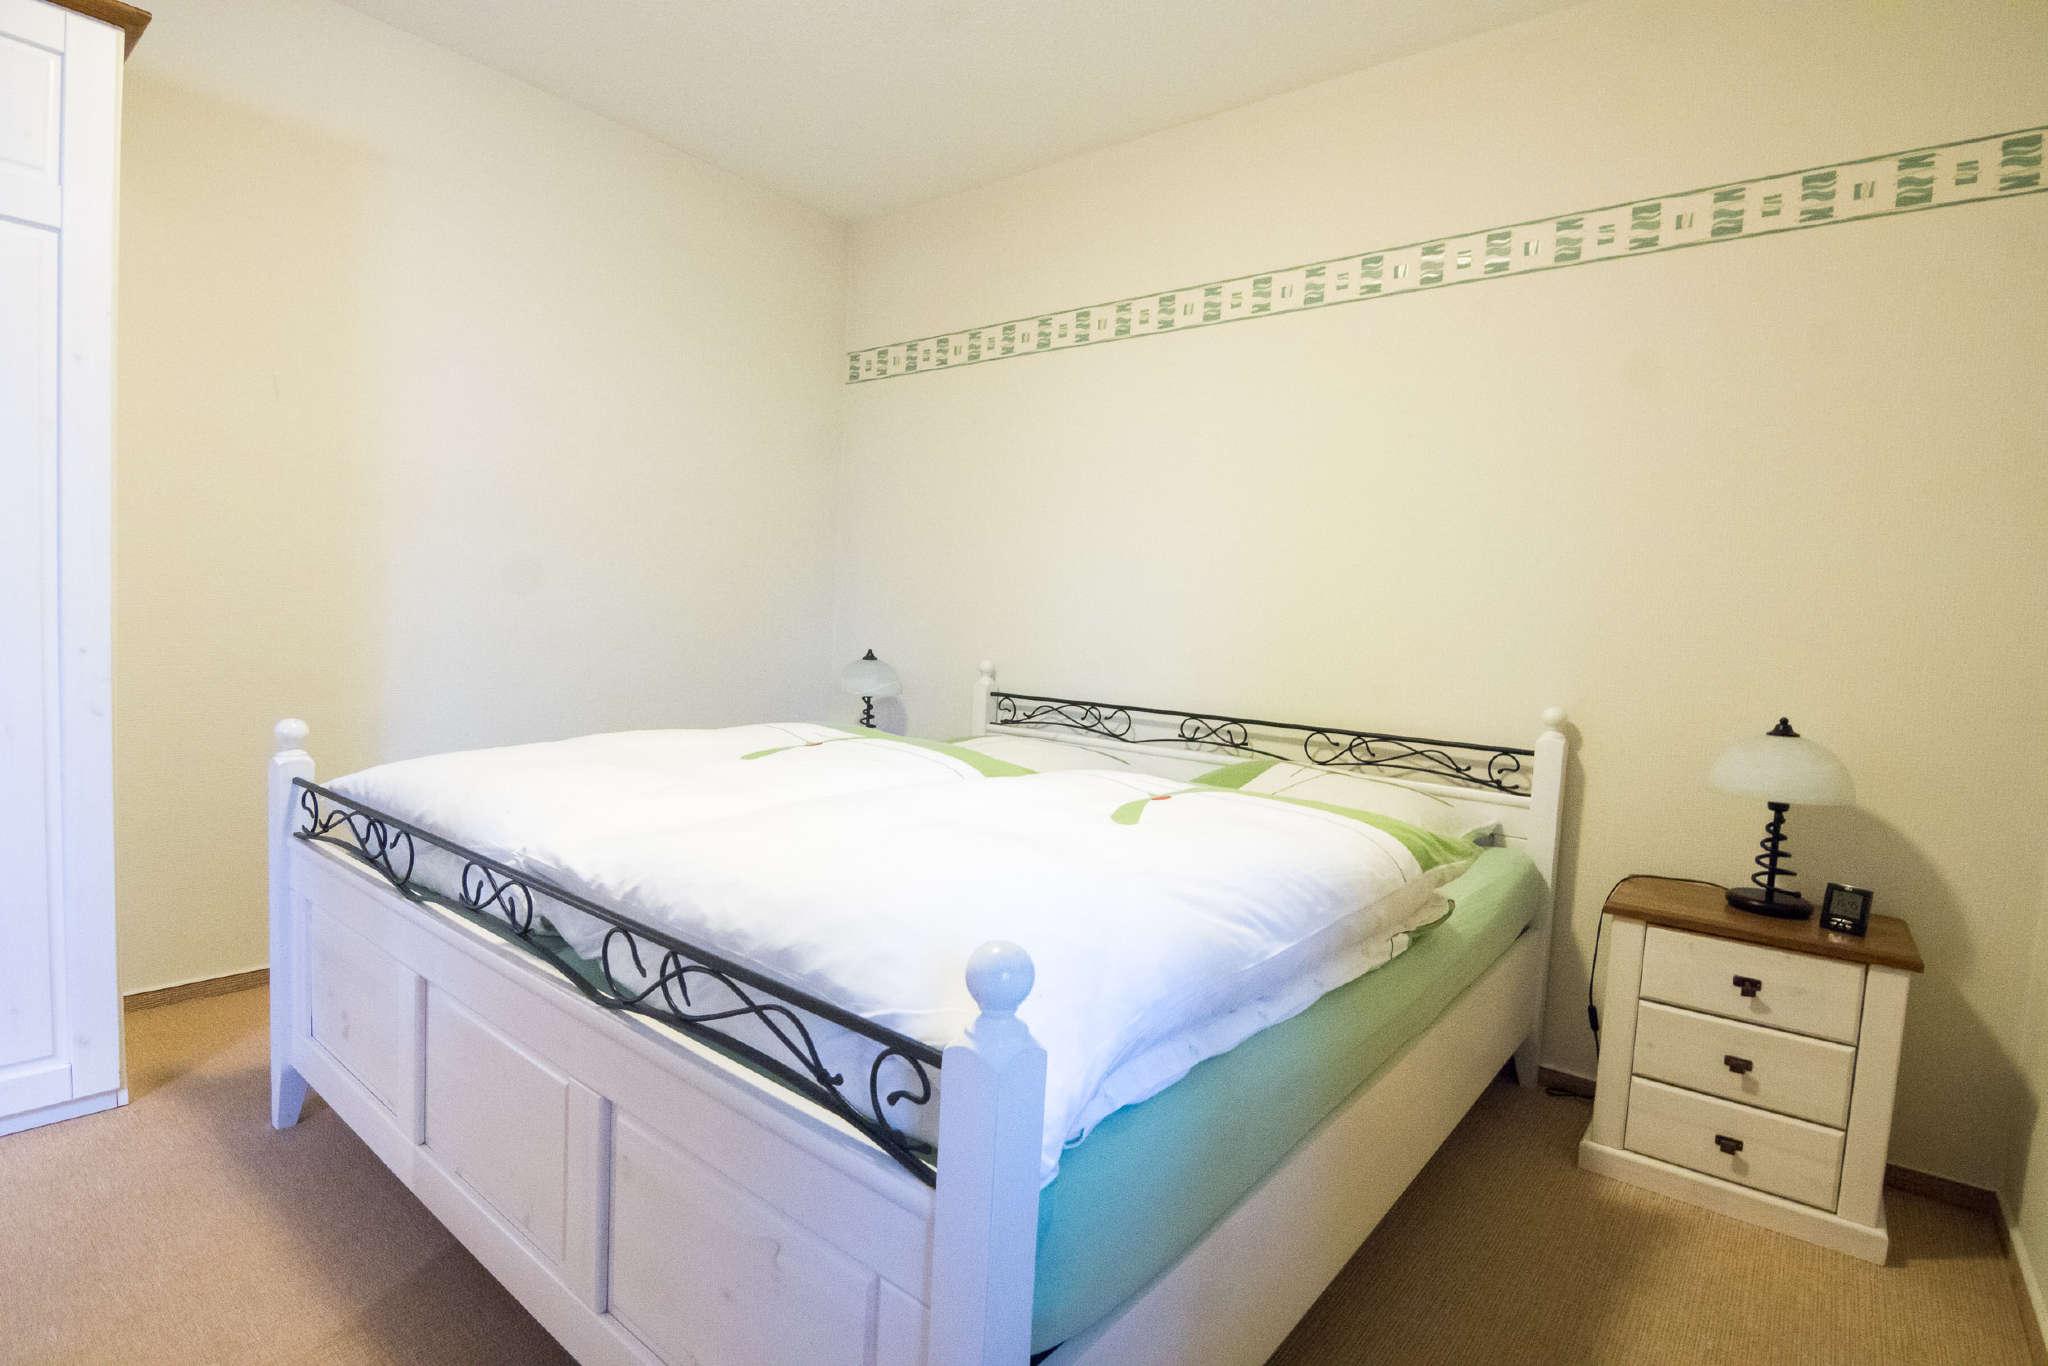 Schlafzimmer (Ansicht 2) Kleiderschrank